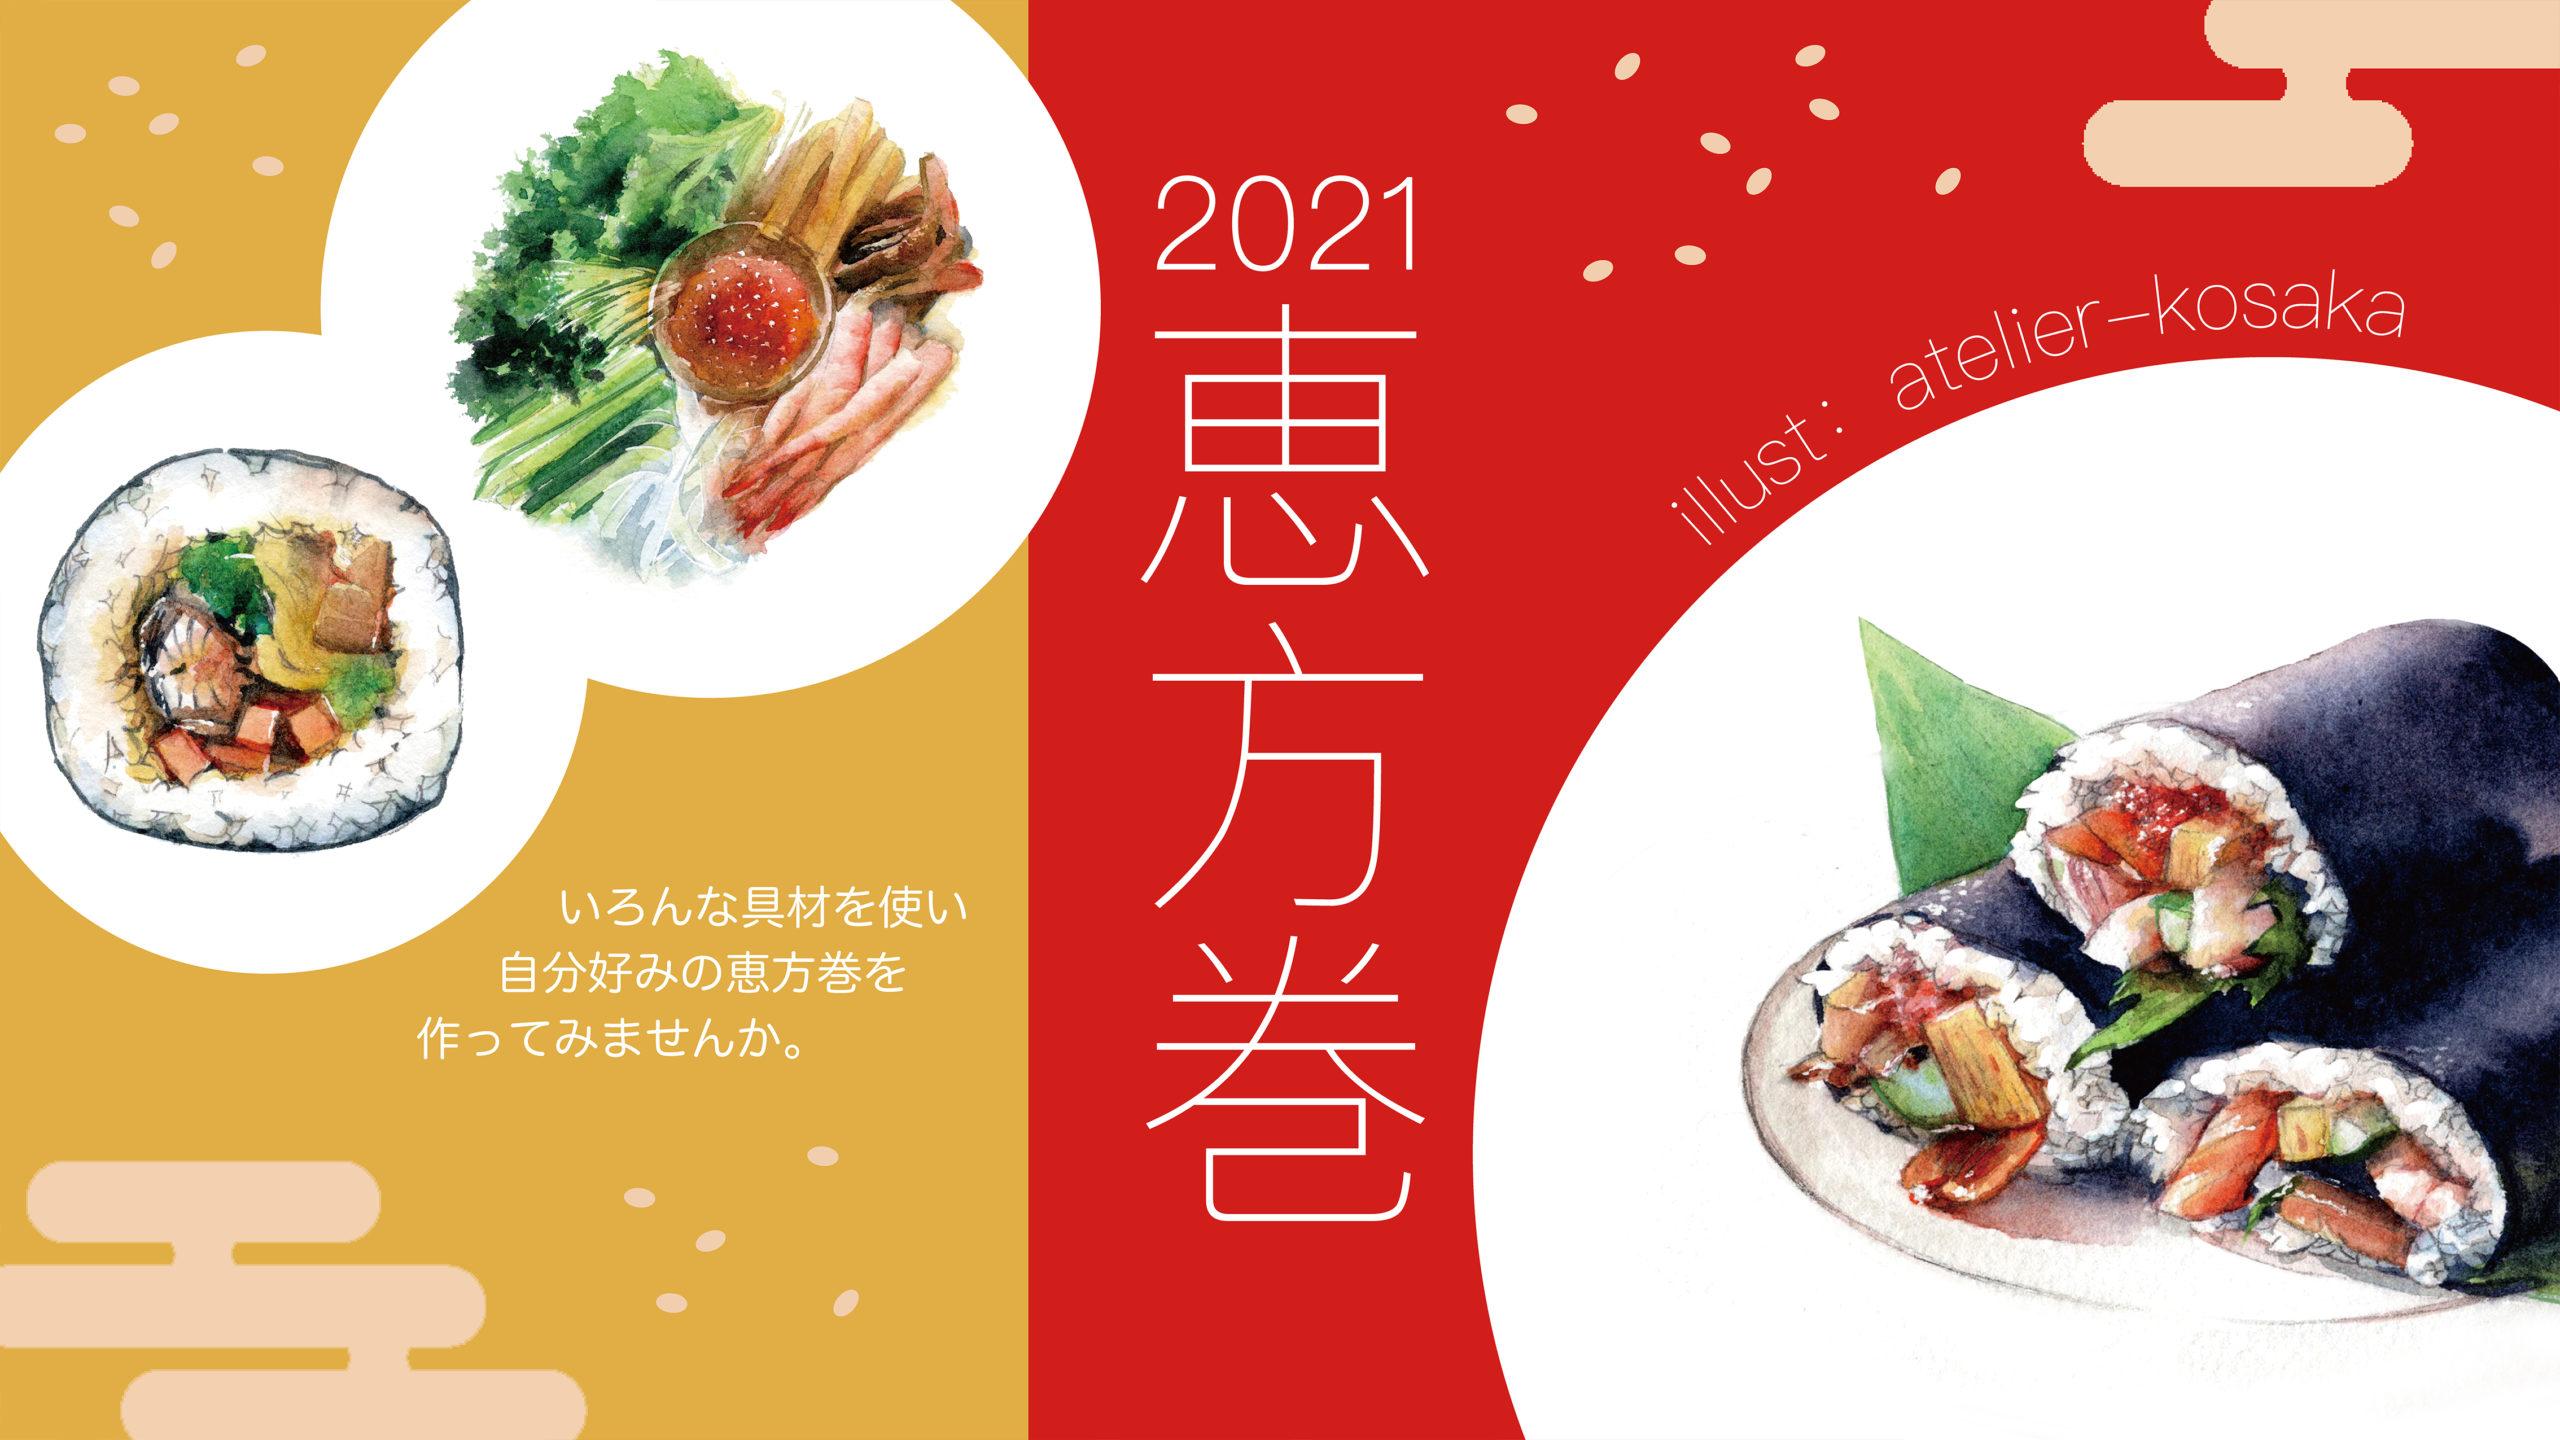 節分 恵方巻ポップ風デザイン 水彩食べ物イラスト